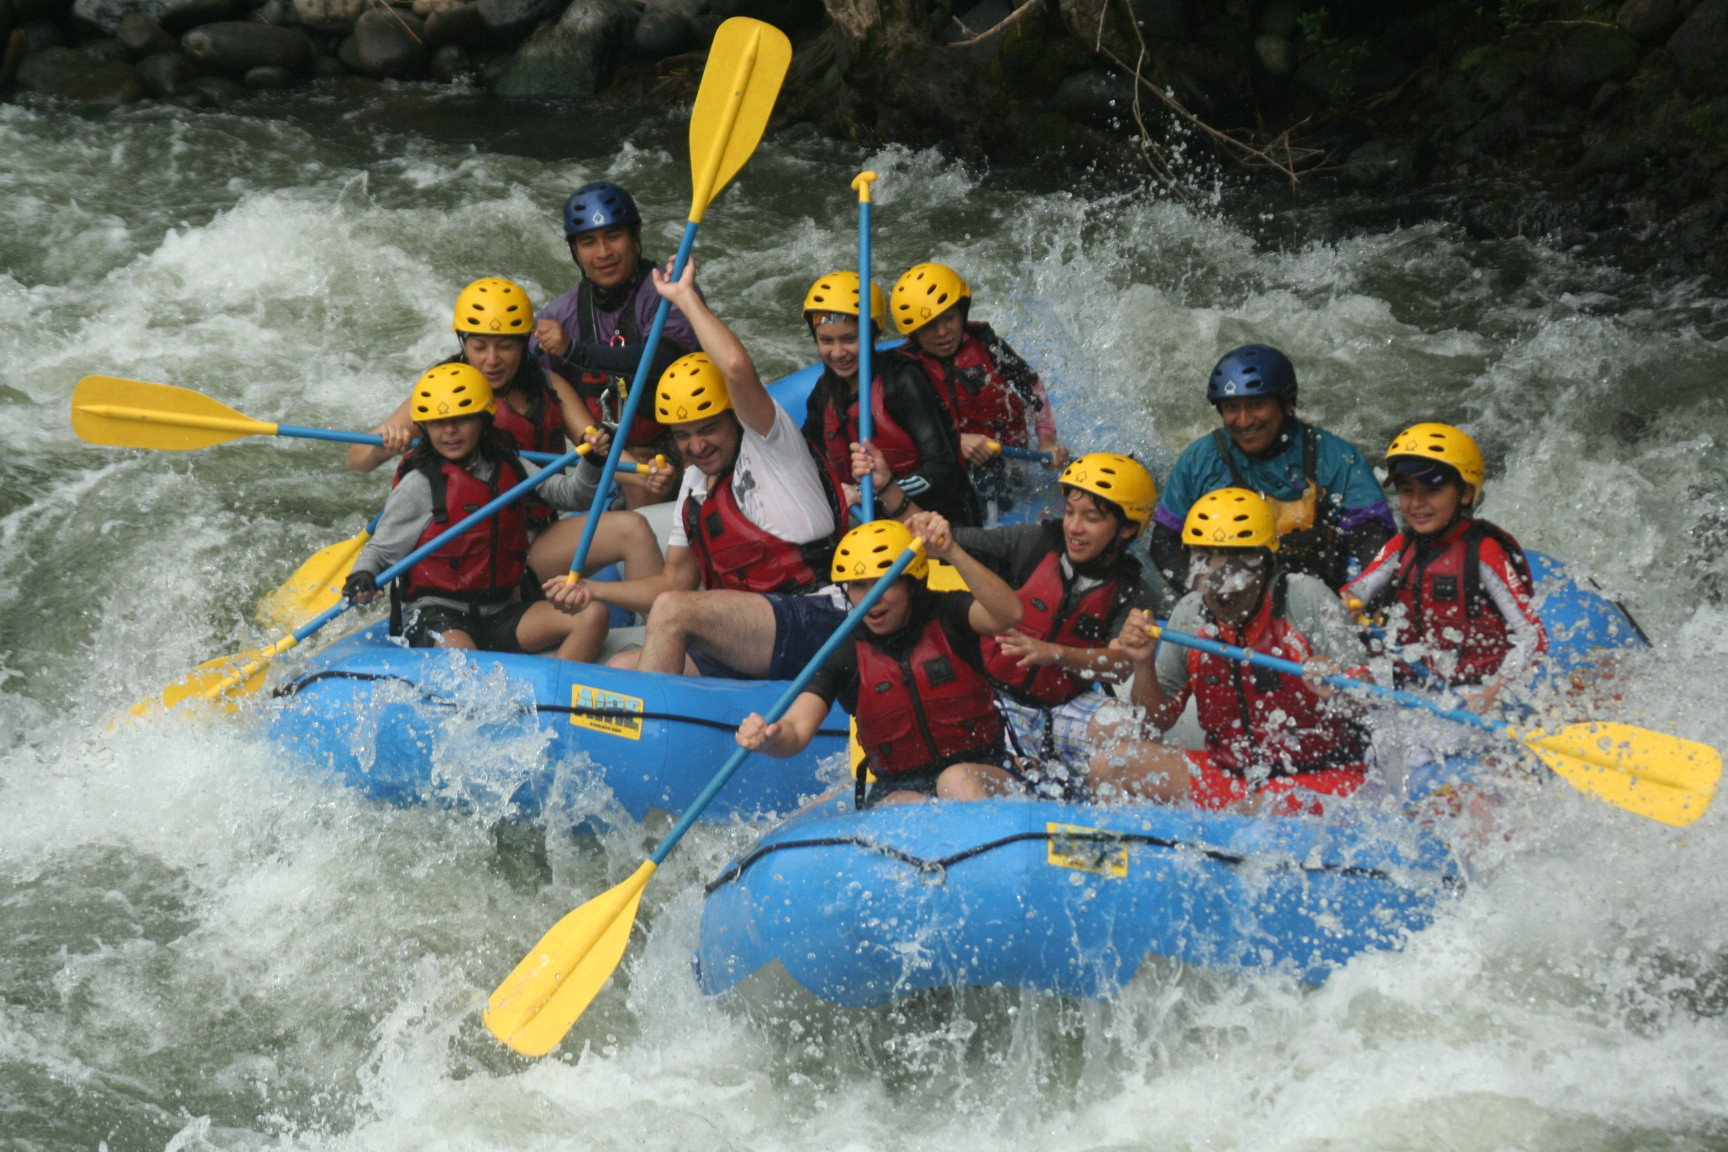 Personas haciendo rafting en Jalcomulco